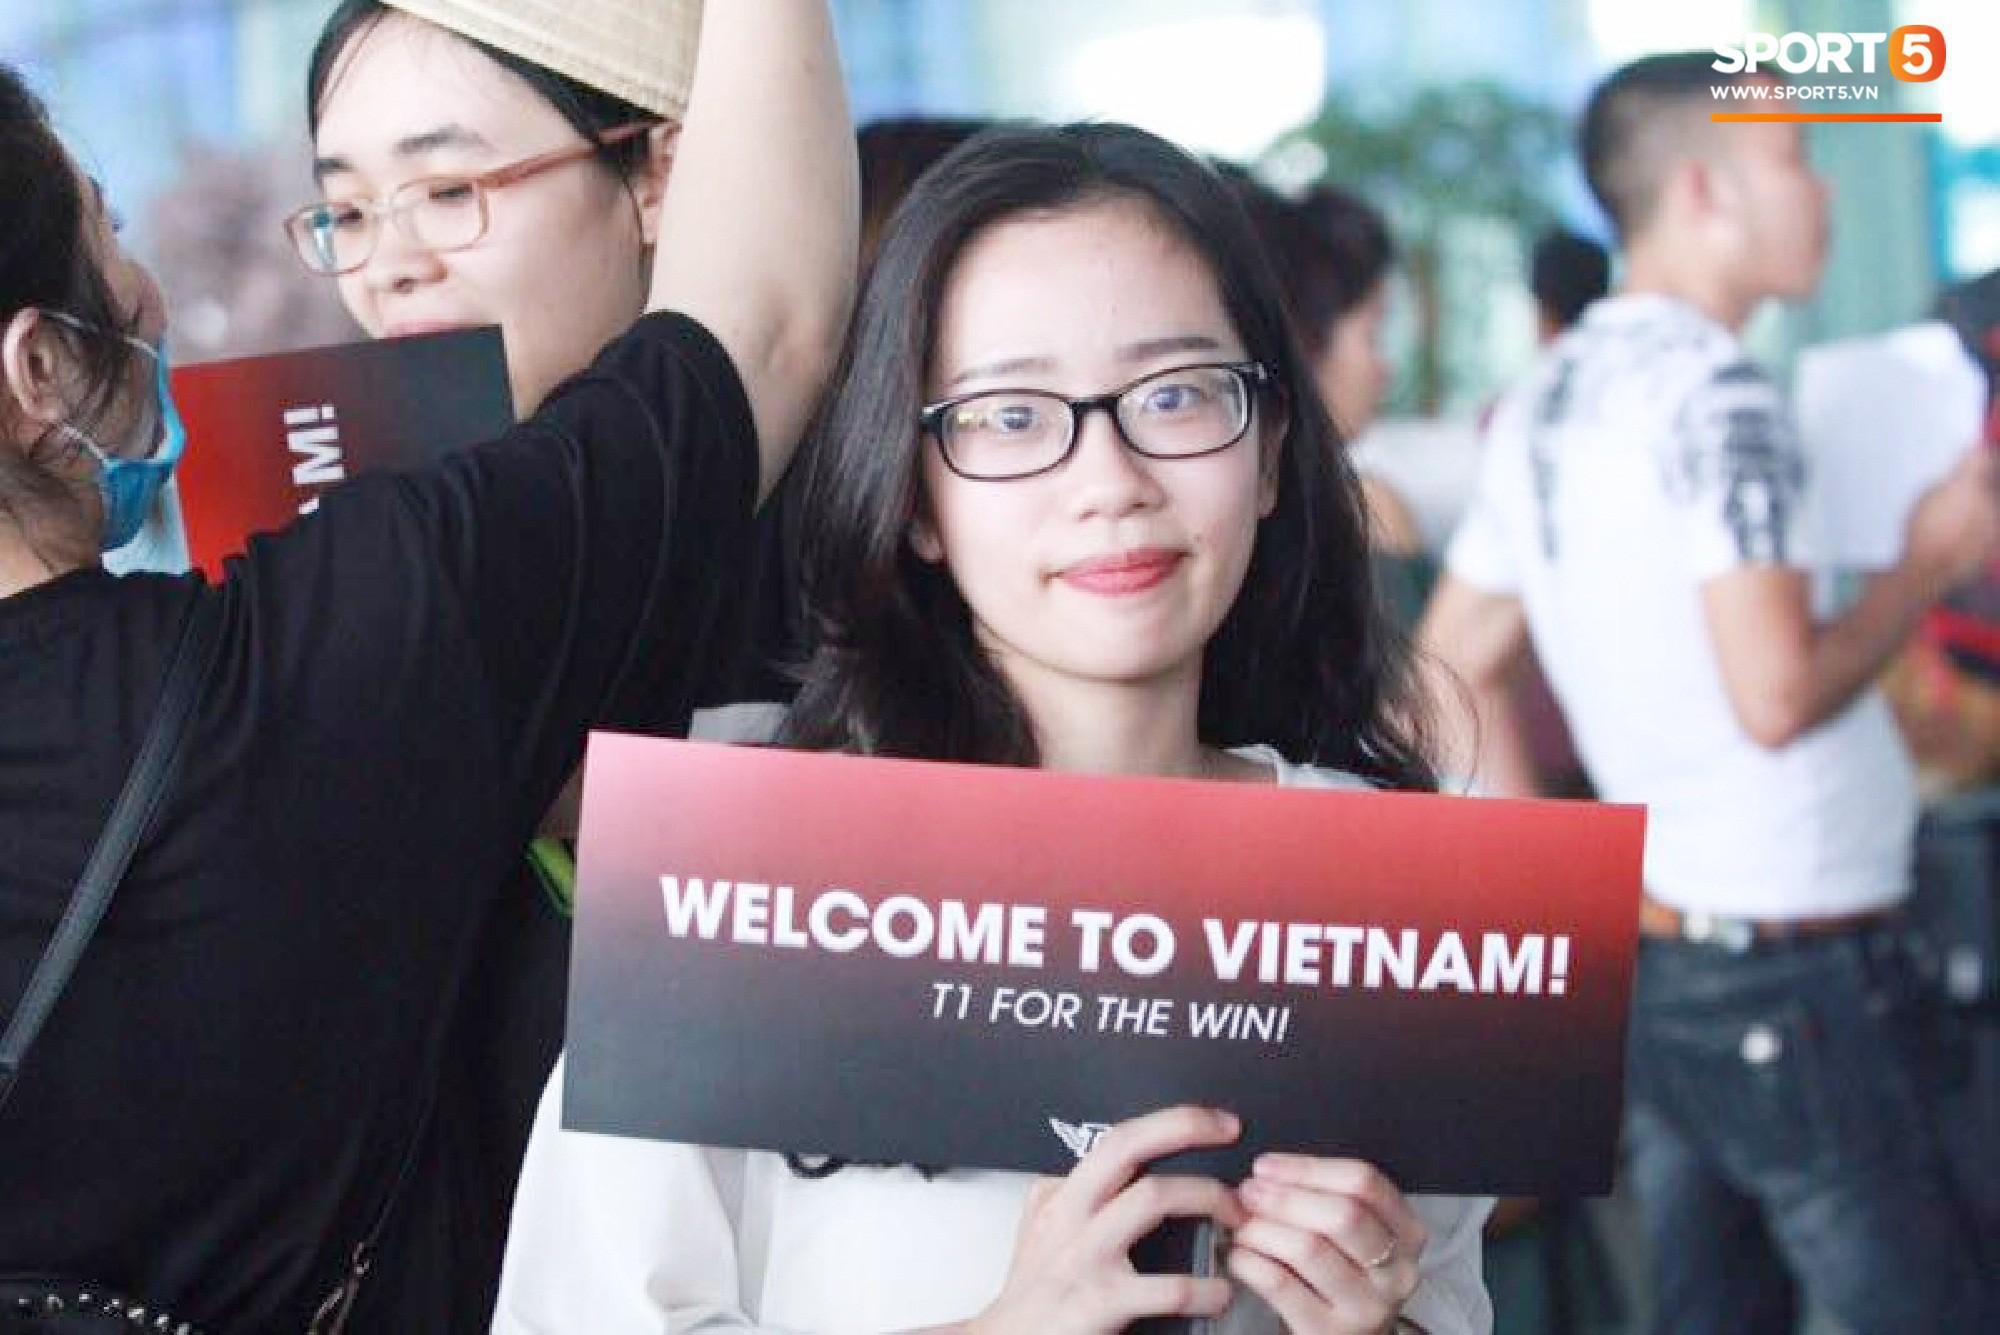 Dàn sao triệu đô SKT T1 rạng ngời trong ngày đầu tiên đặt chân tới Hà Nội - Ảnh 7.